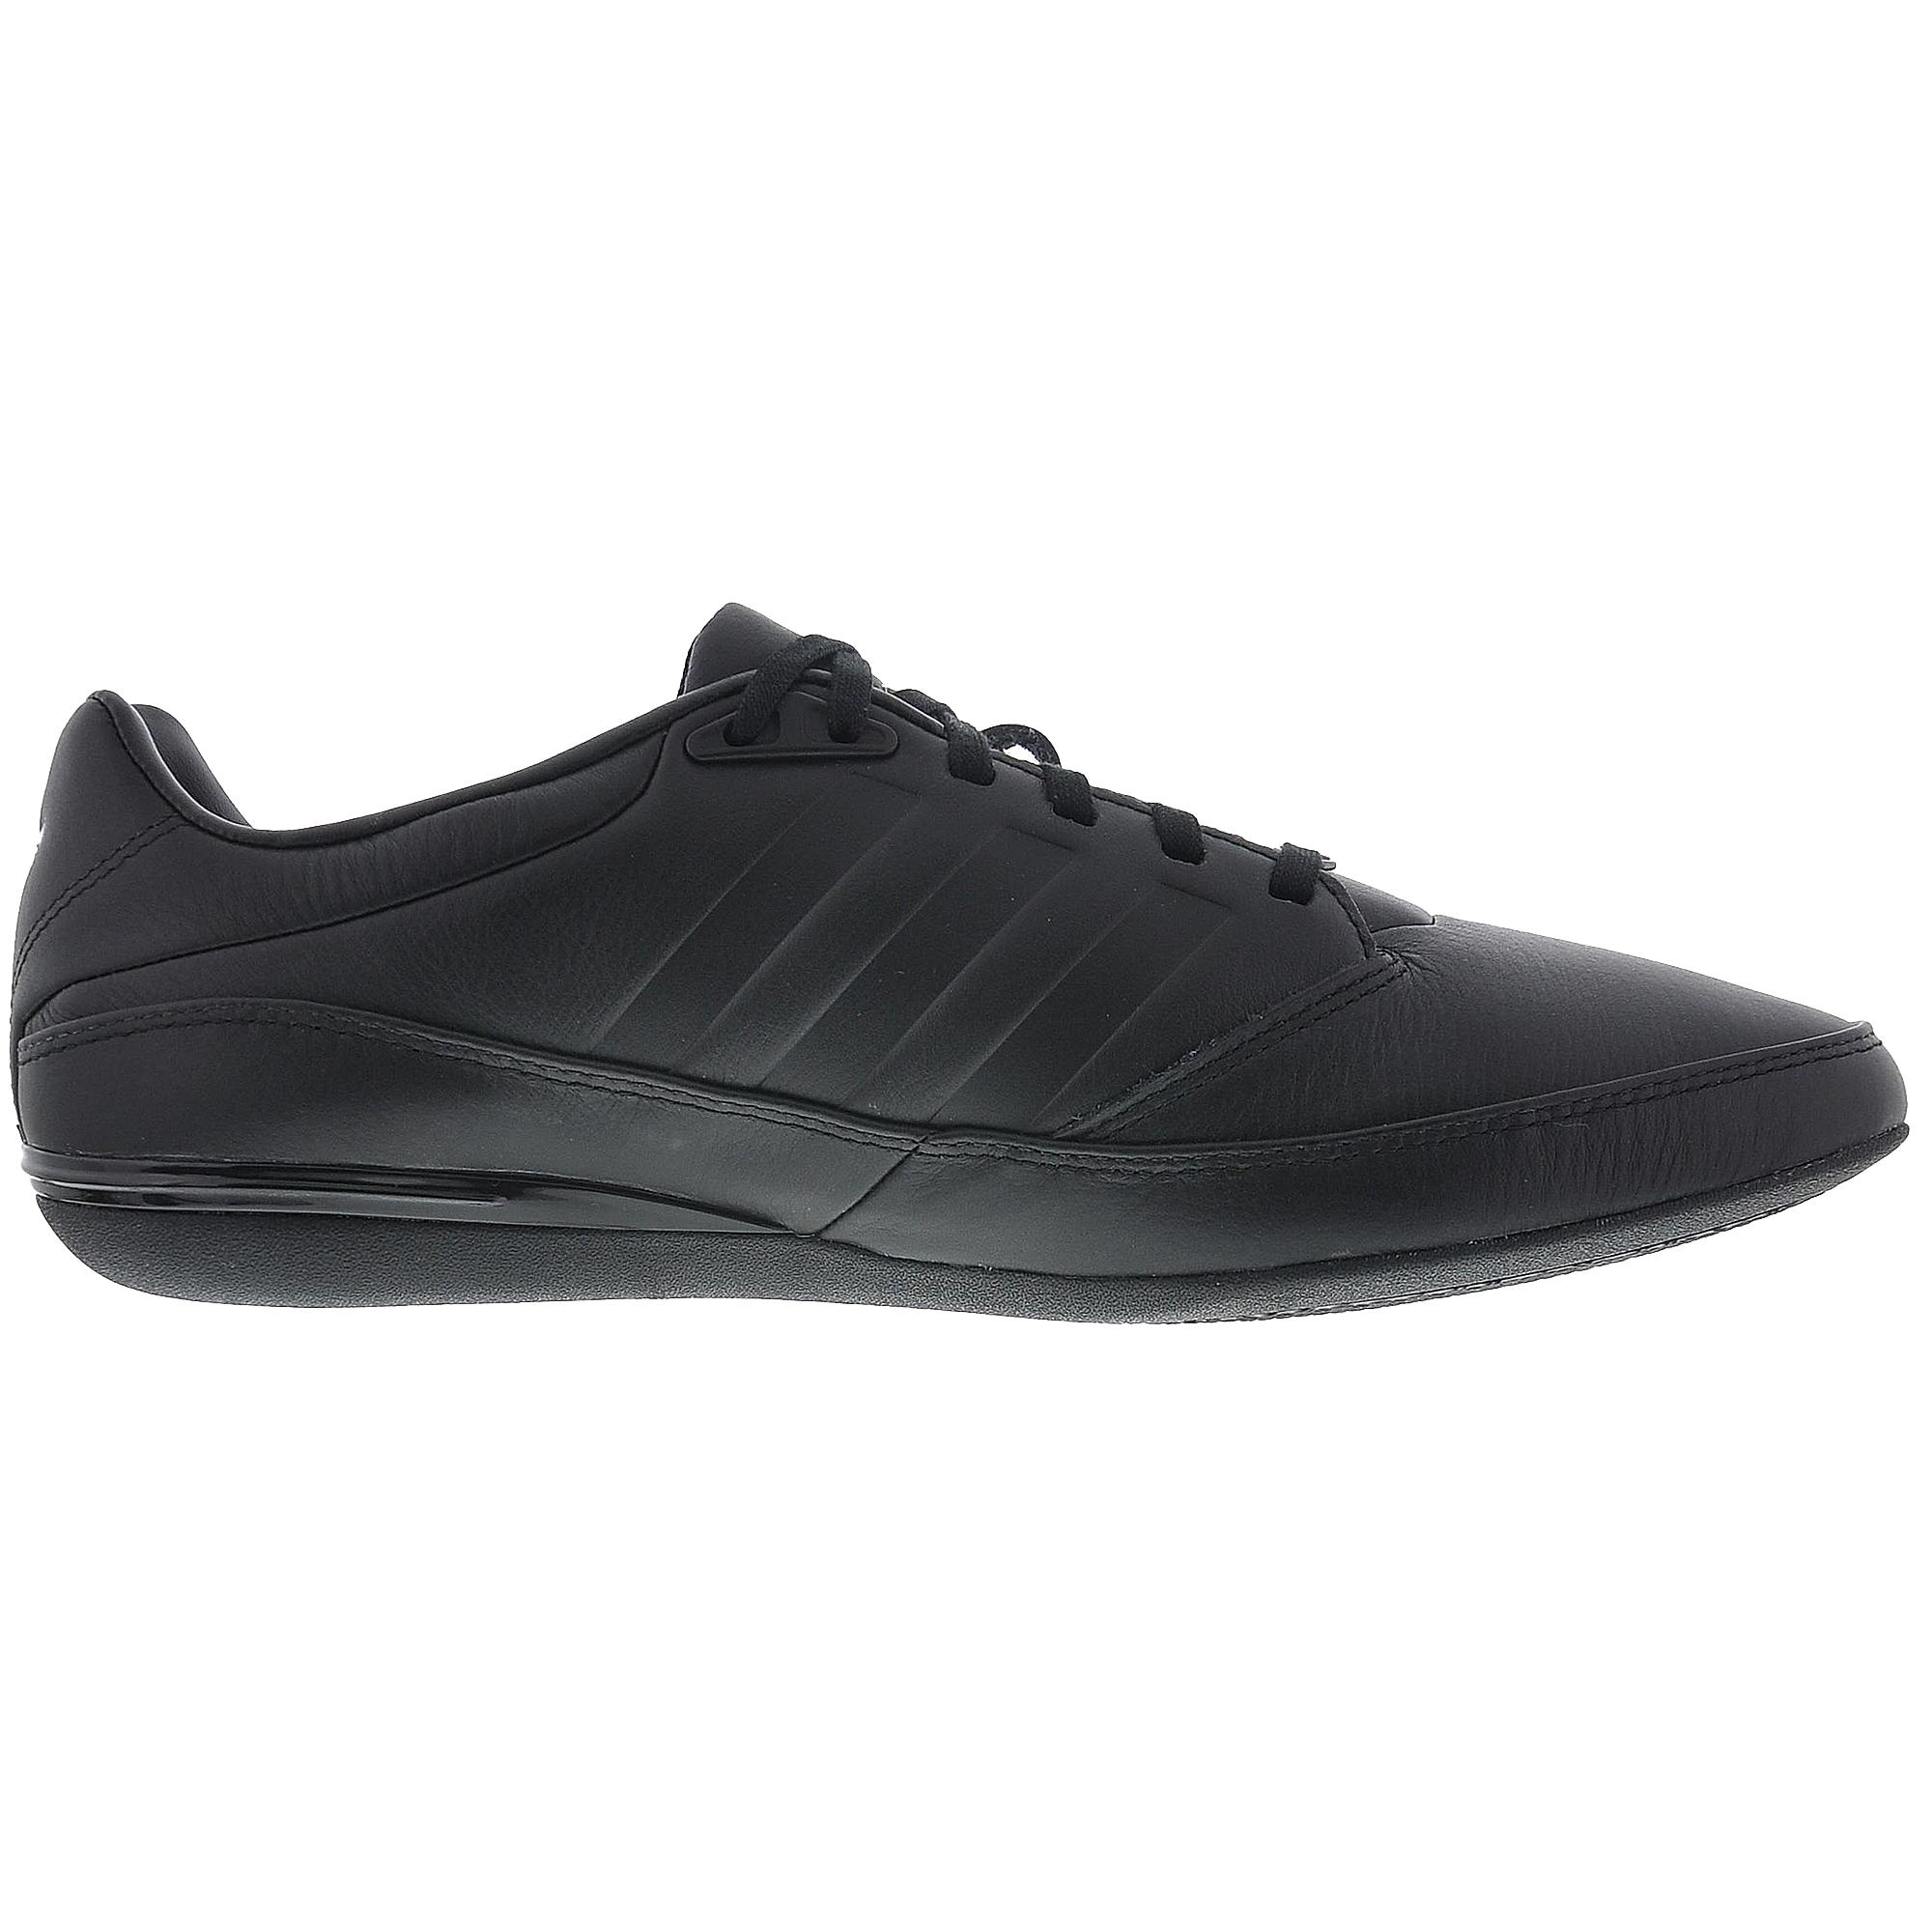 buy popular 66c92 b2727 ... denmark adidas porsche typ 64 2.0 co erkek spor ayakkab 98add 7aafa